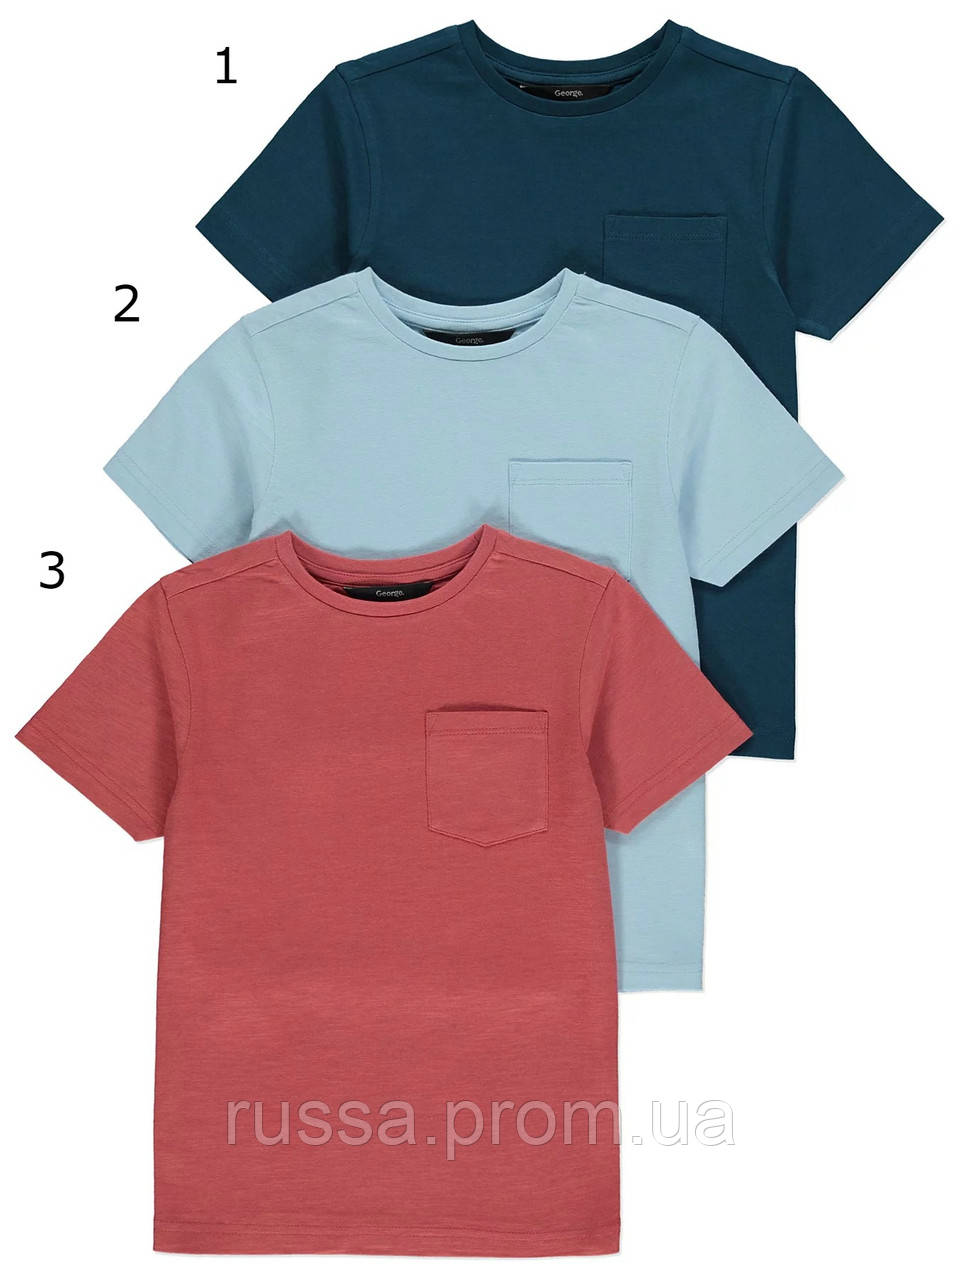 Детские летние футболочки с карманчиками Джордж для мальчика (поштучно)